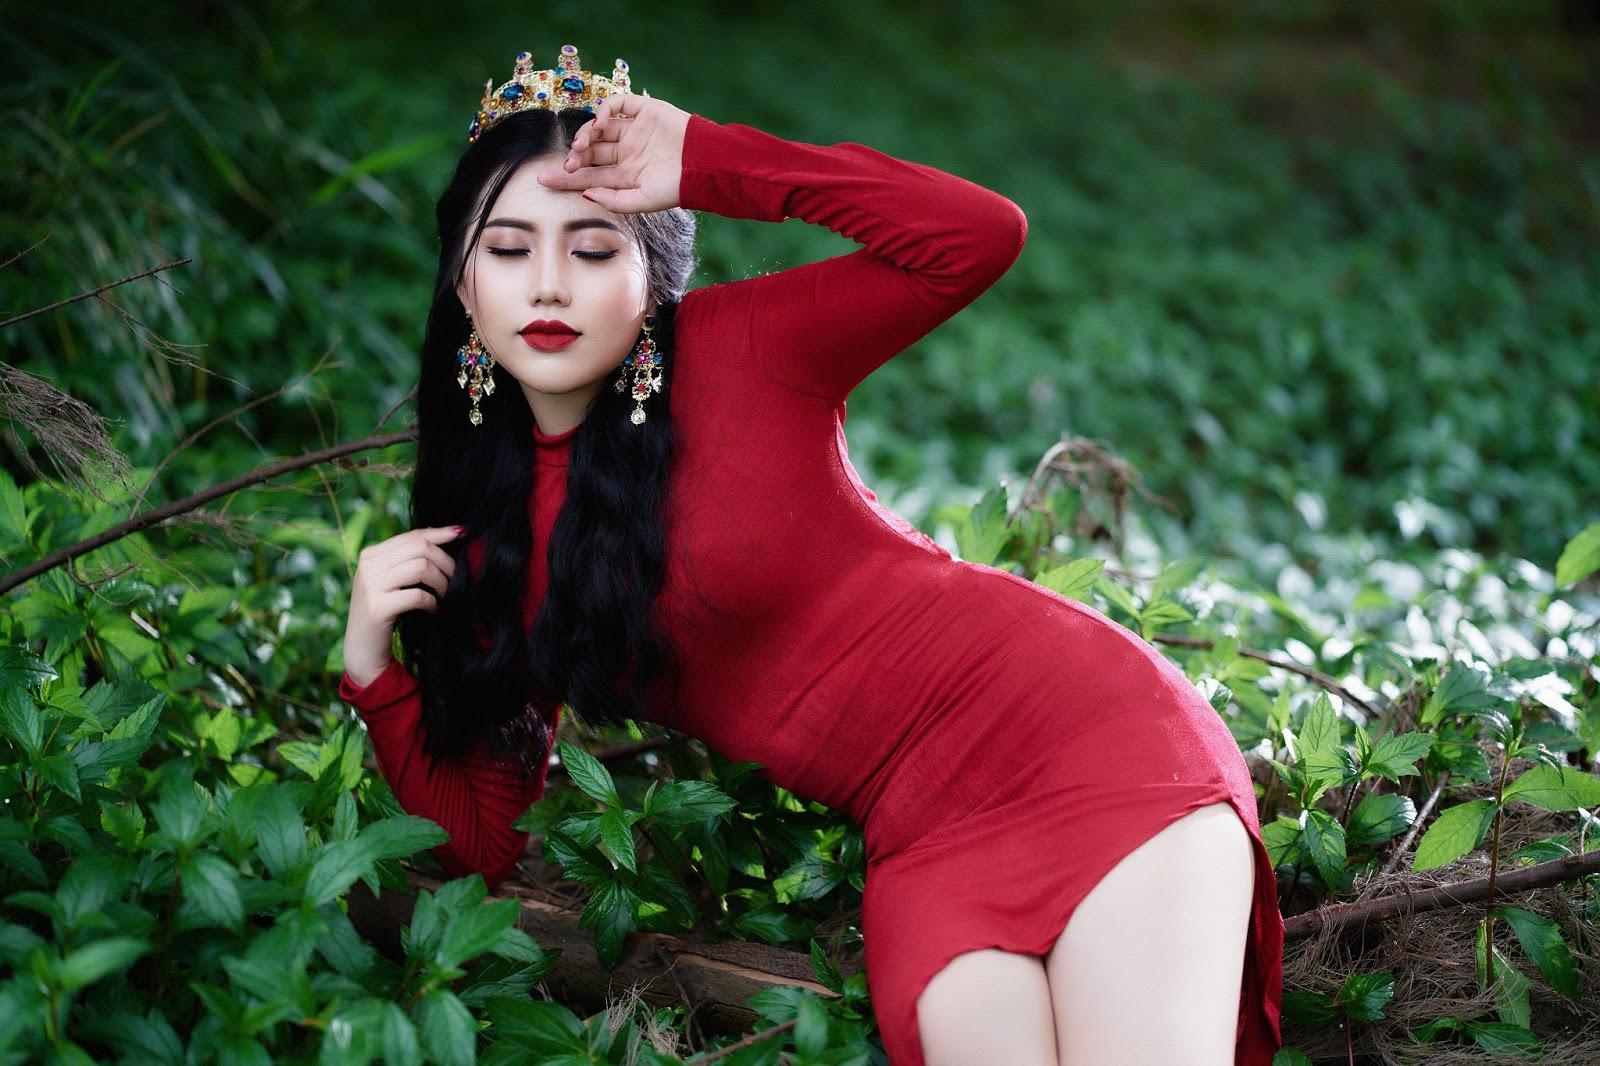 Tuyển Tập Ảnh Việt Nam Sexy Girl - Gái Xinh Vòng 1 Khủng Đẹp Miễn Chê #1 @BaoBua: Eva